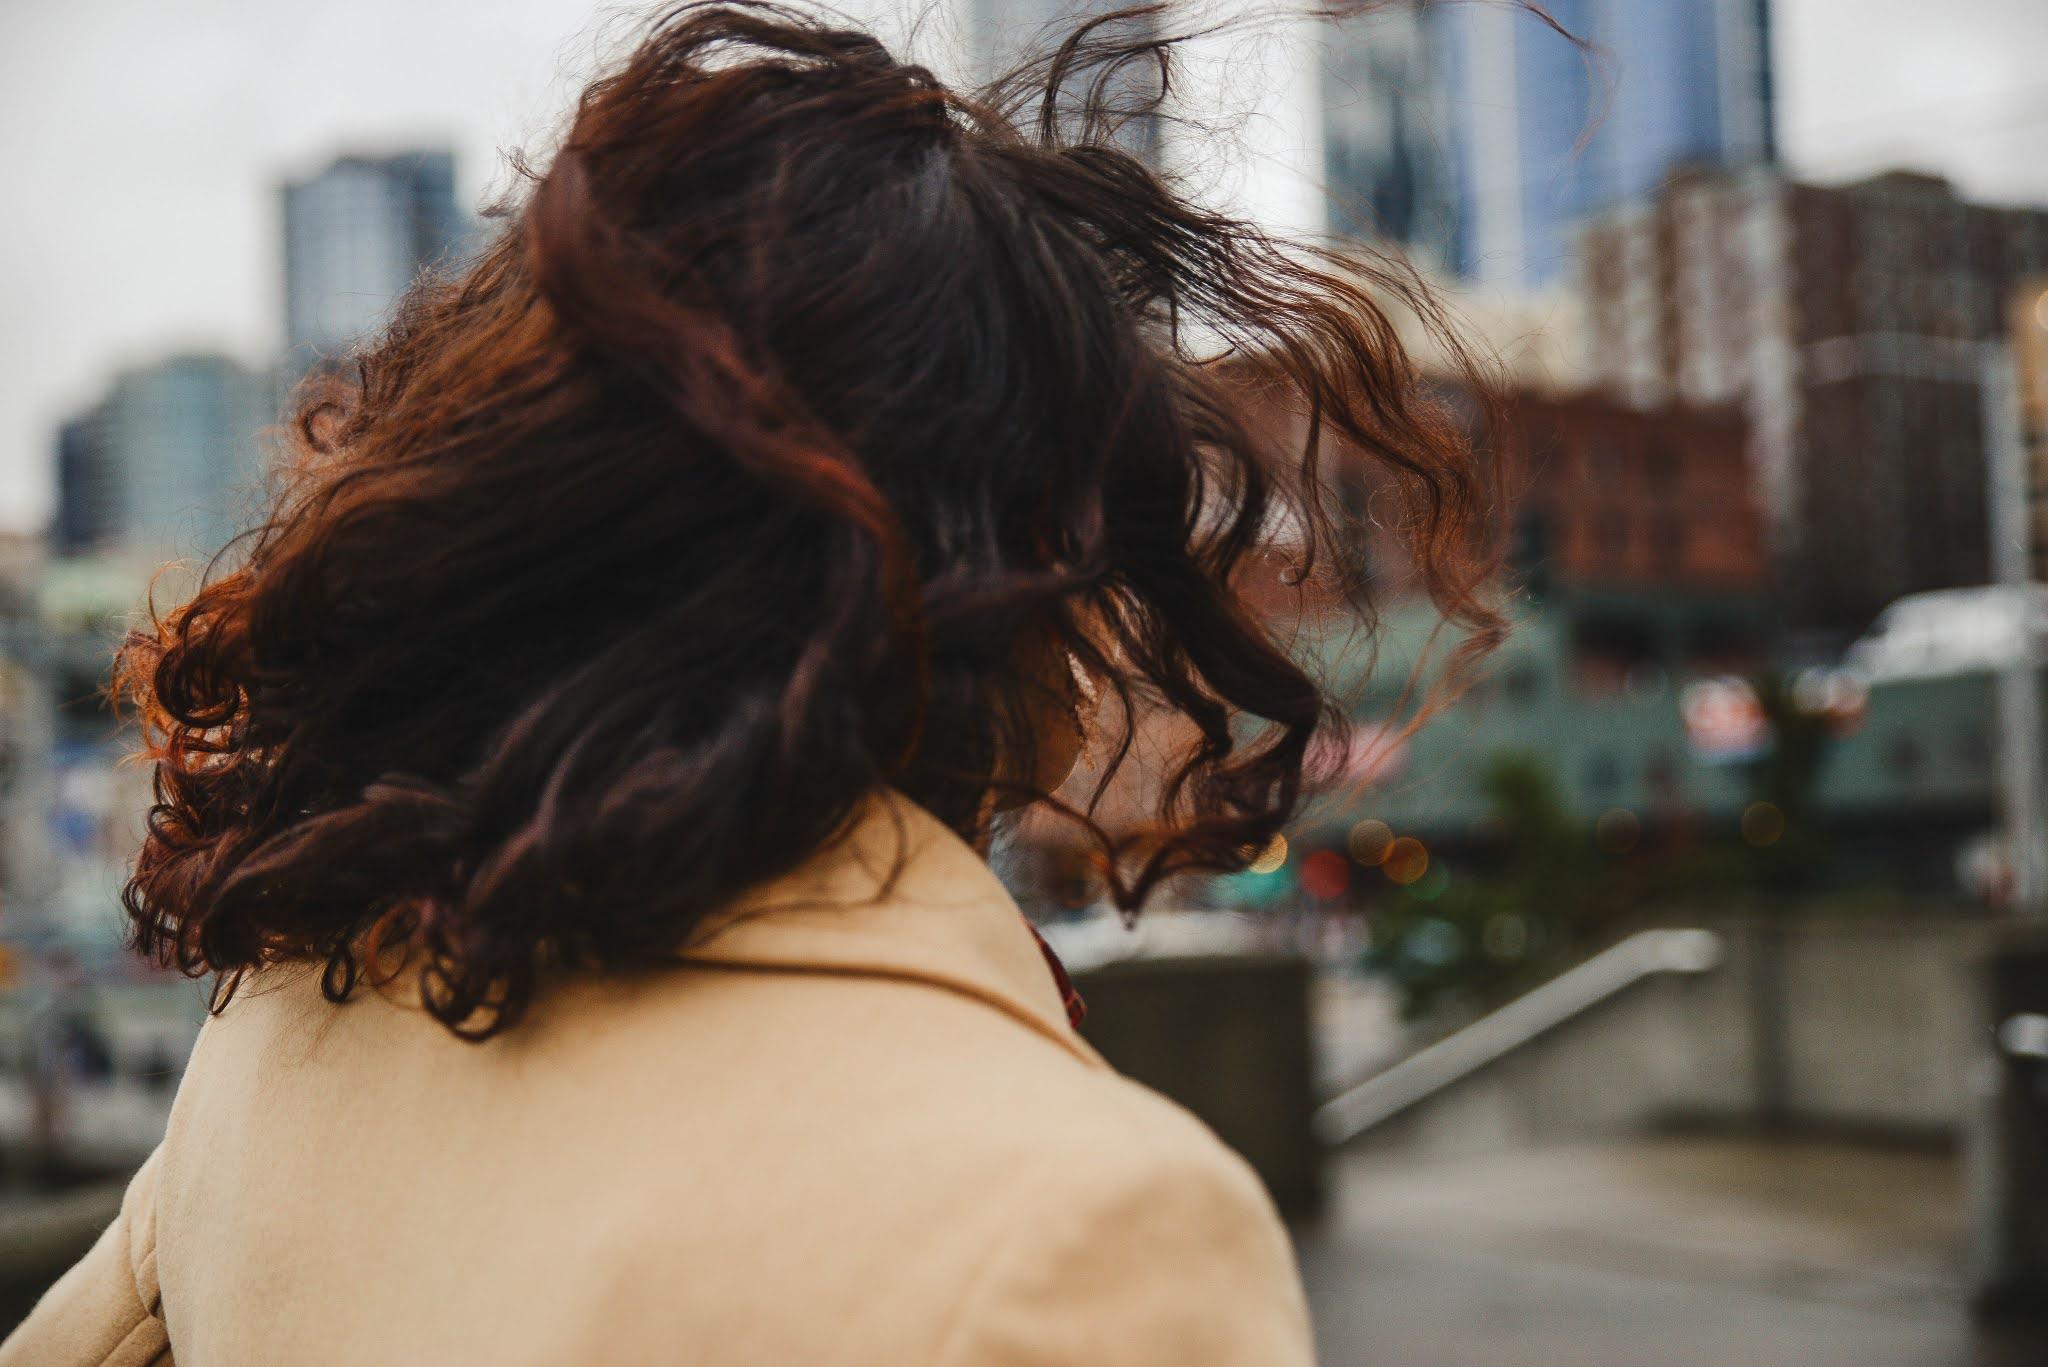 اسباب تحول الشعر الى اللون الرمادي واسباب الشيب